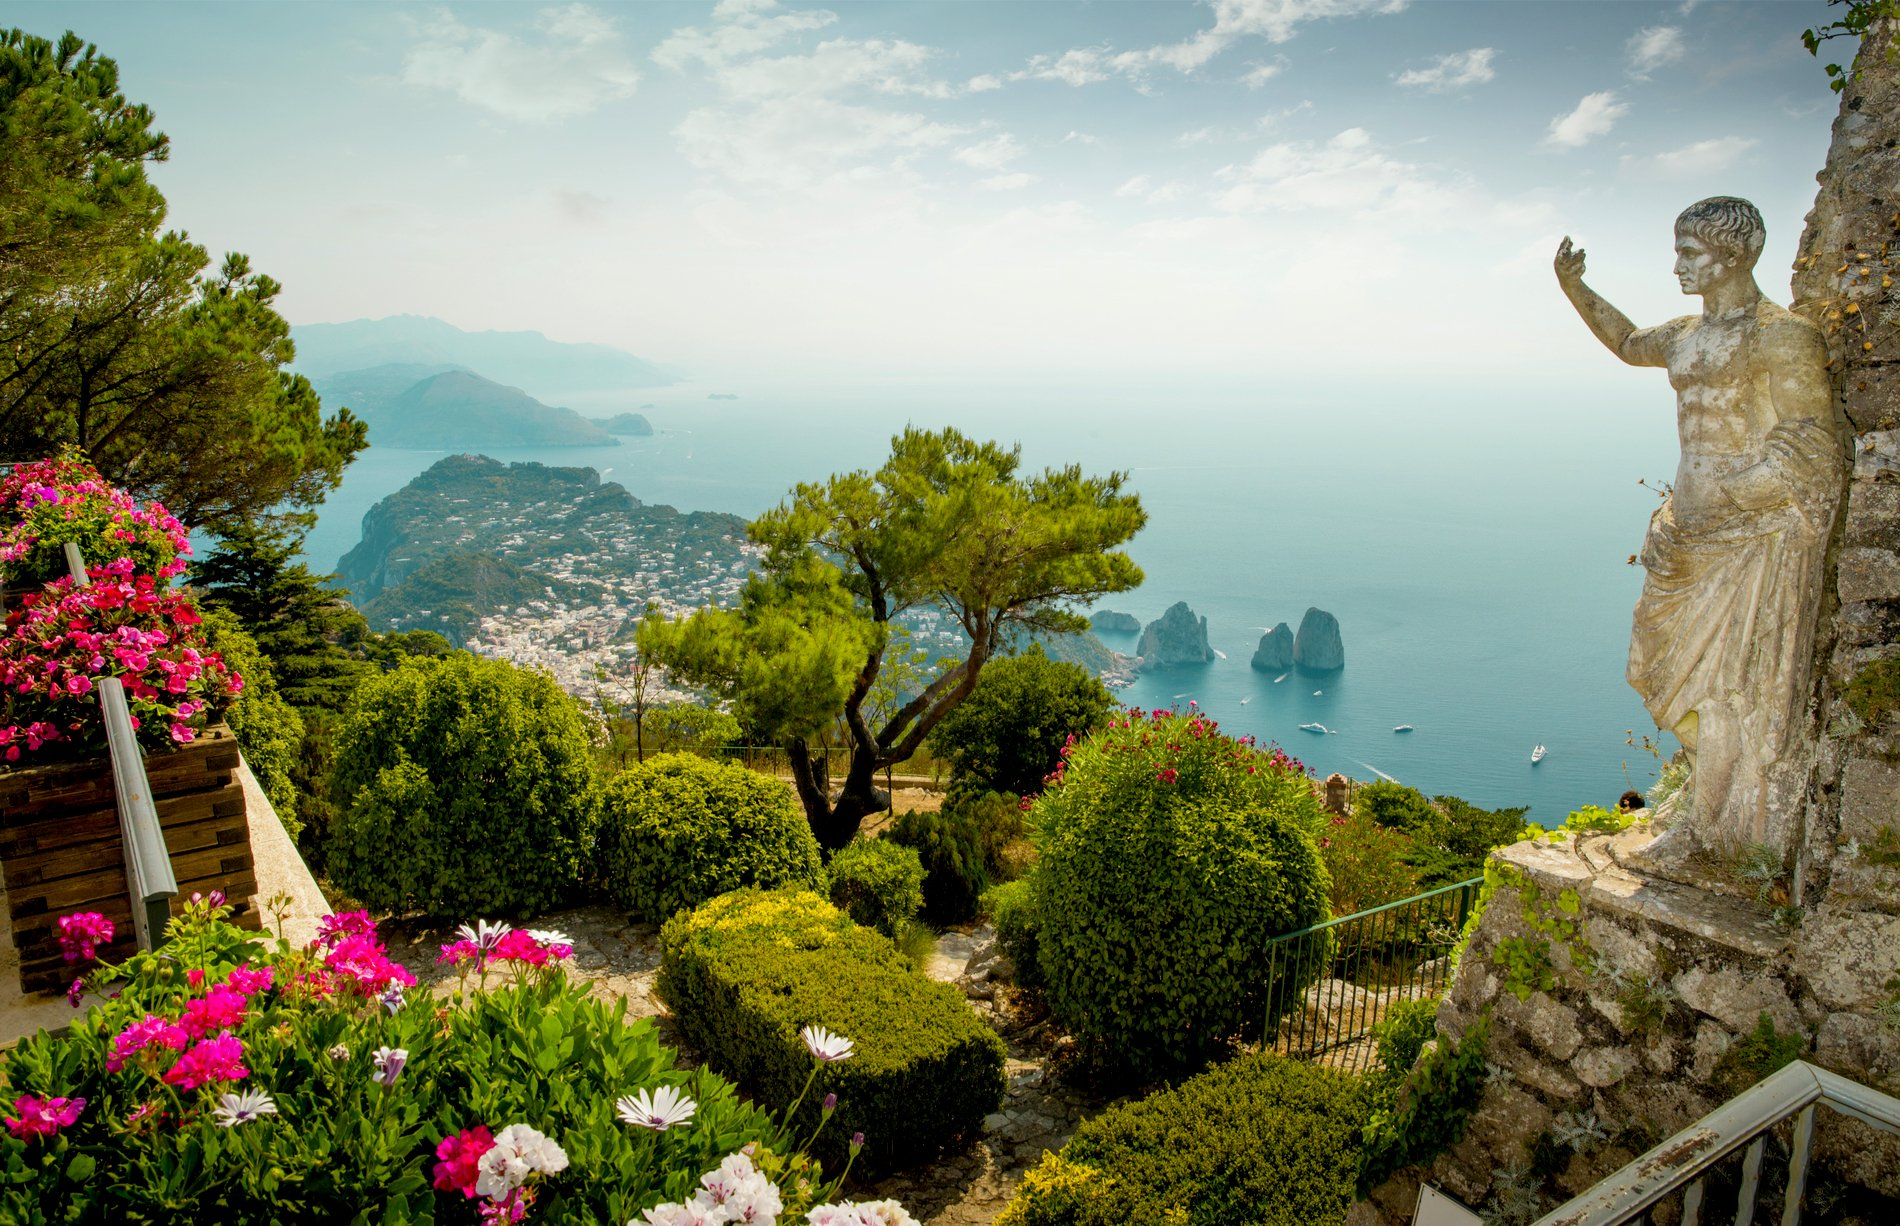 wAlta Via: Amalfi and Sorrento Coast to Coast, Amalfi hiking